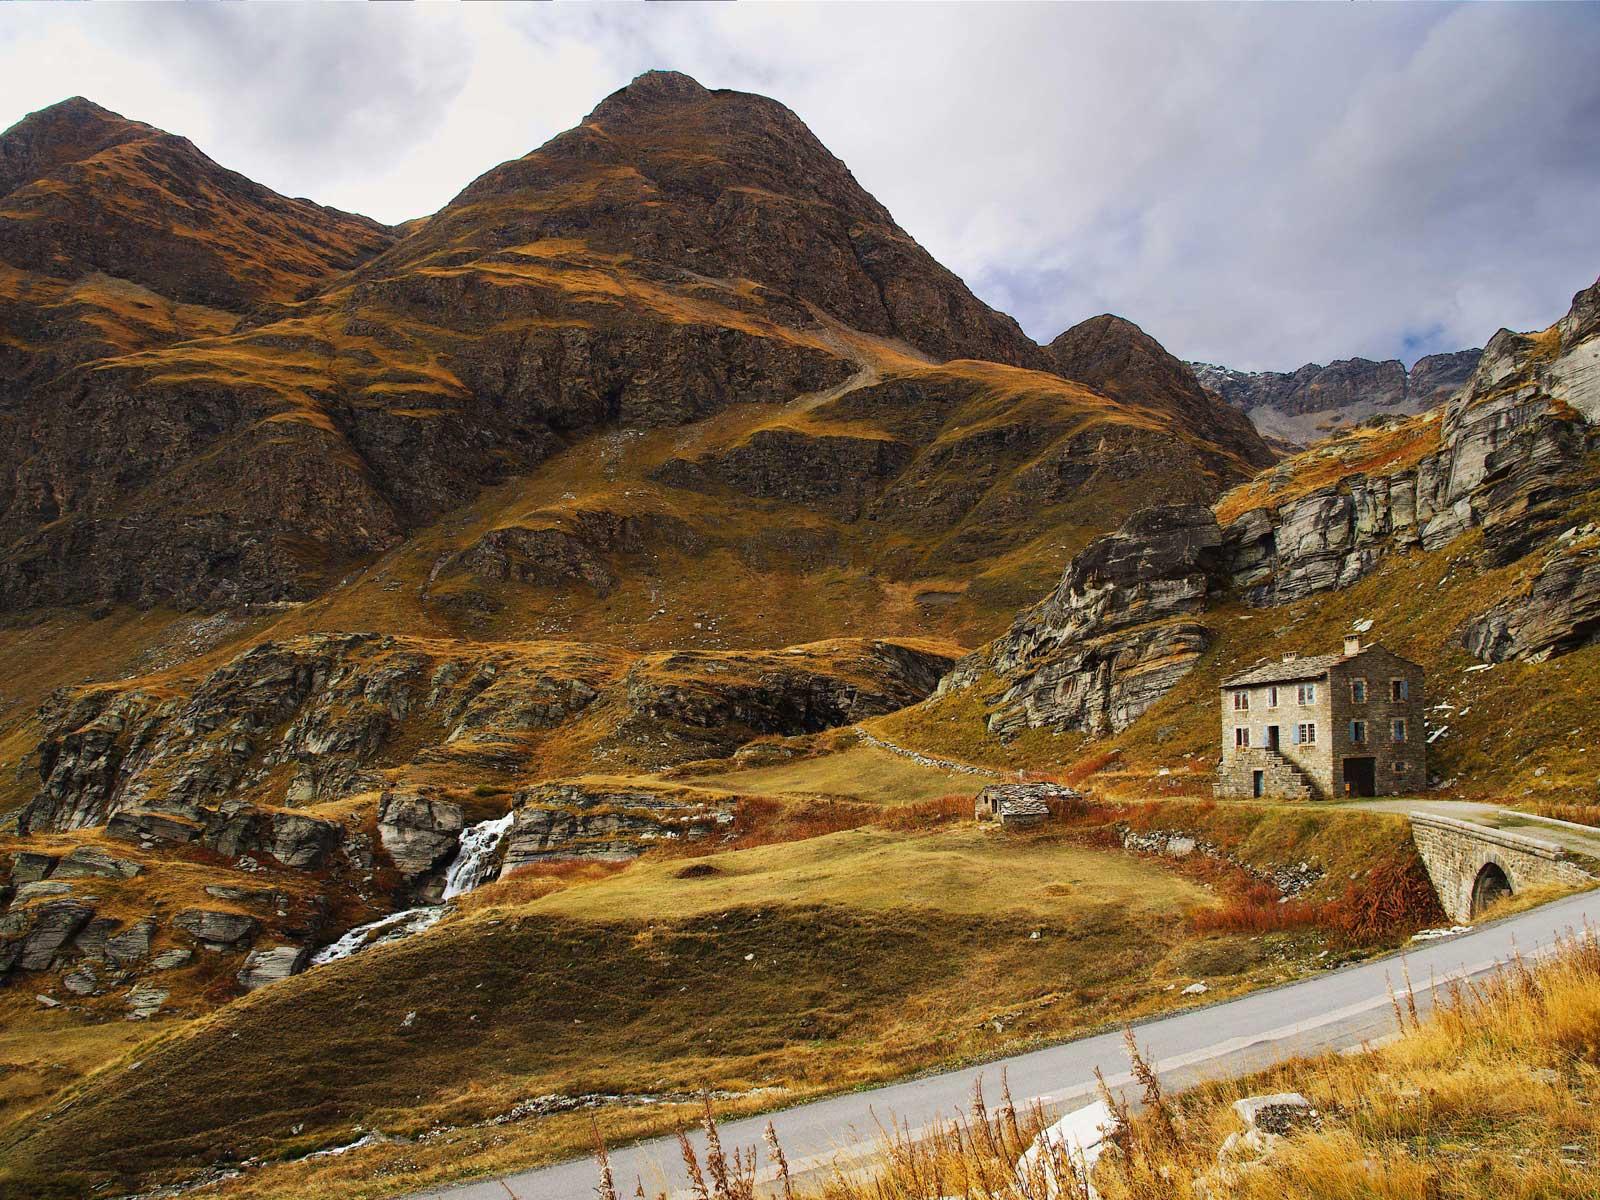 Col de montagne en automne